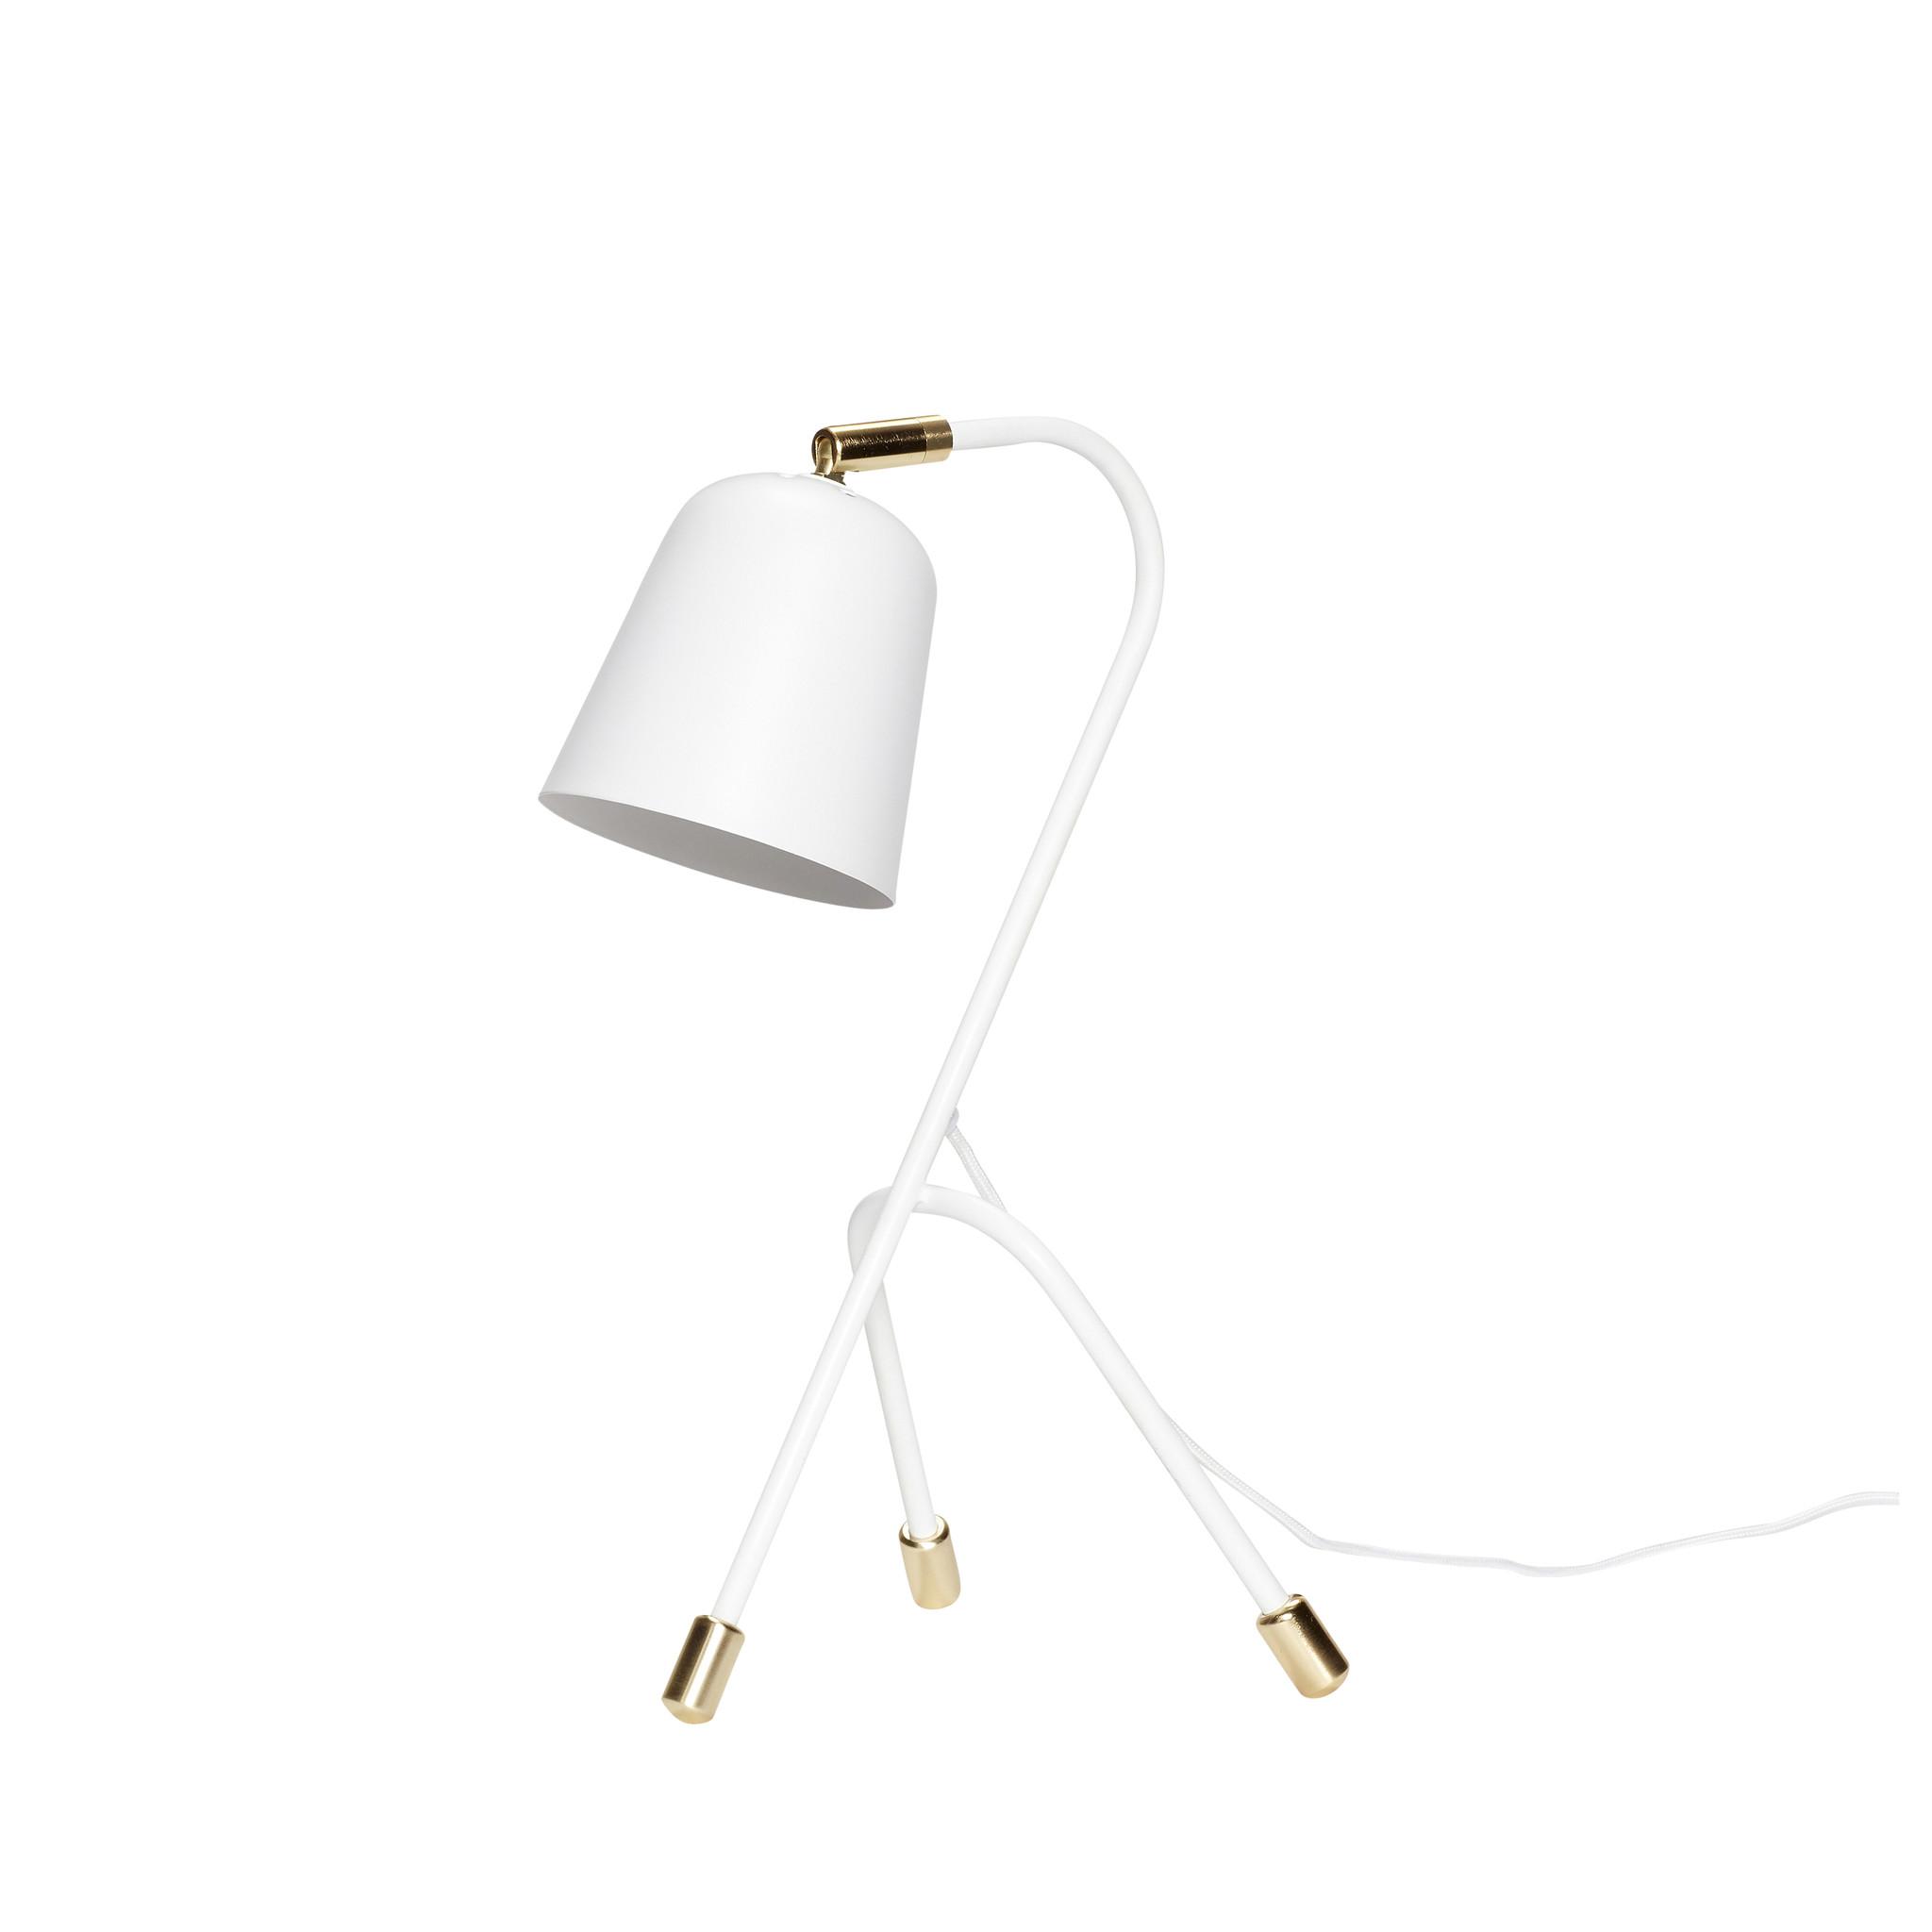 Hubsch Tafellamp, metaal, wit / messing